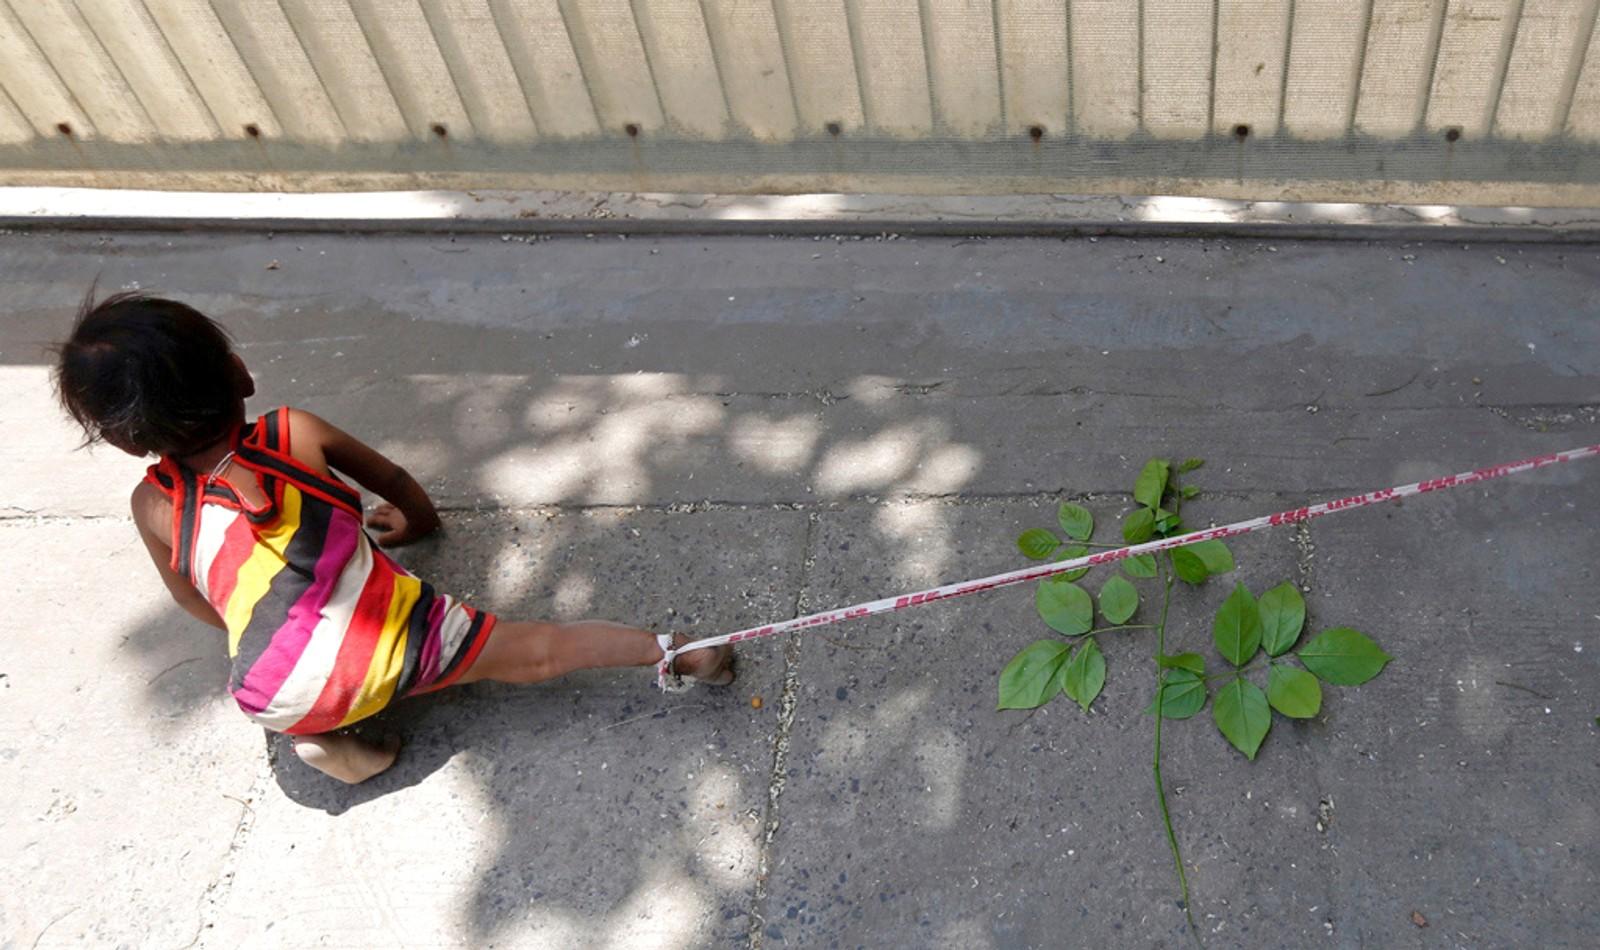 Sarta Kalara fortalte denne uka til Reuters at hun ikke har noe annet valg enn å binde fast dattera Shivani (15 mnd.) på bygningsplasen der hun og mannen arbeider. Kalara forklarte at hun gjør det for at datteras egen sikkerhet. De tjener rundt 31 kroner dagen hver ved å grave ned kabler i den indiske byen Ahmedamad. Den lille jentas bror er tre og et halvt år. Gammel nok til ikke å bli bundet fast, men for ung til å passe lillesøstera.